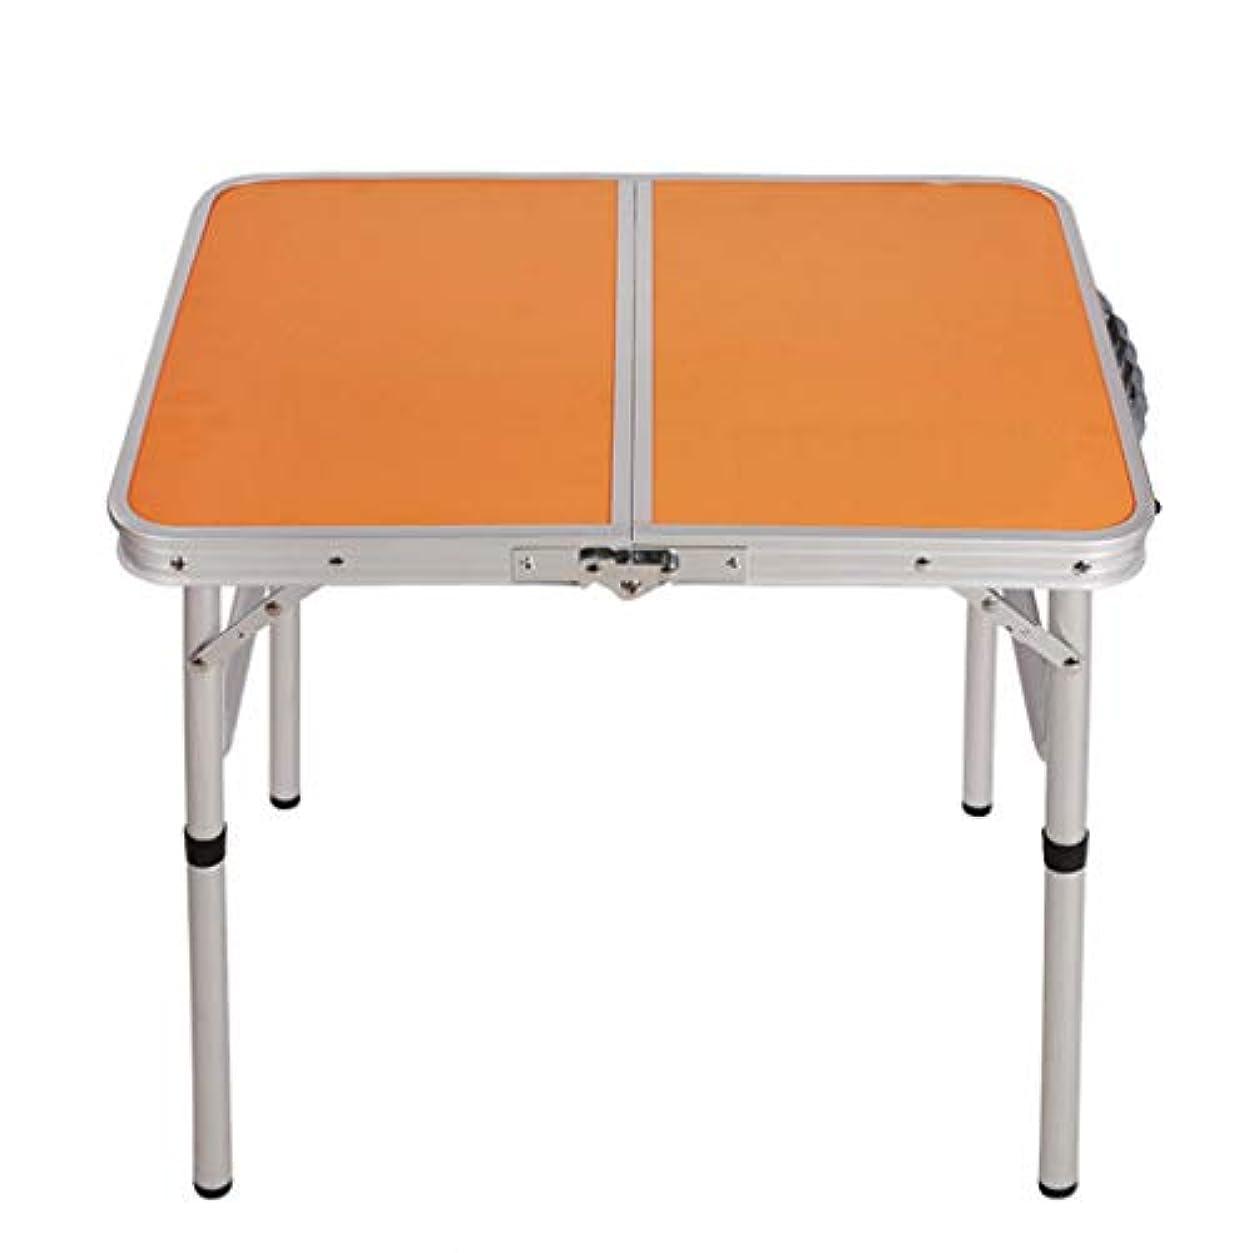 FRF 折りたたみ式テーブル- 屋外折りたたみ式ポータブルアルミテーブル、ピクニックグリルテーブル簡単なコンピュータテーブル (色 : Orange, サイズ さいず : 60x45x55cm)